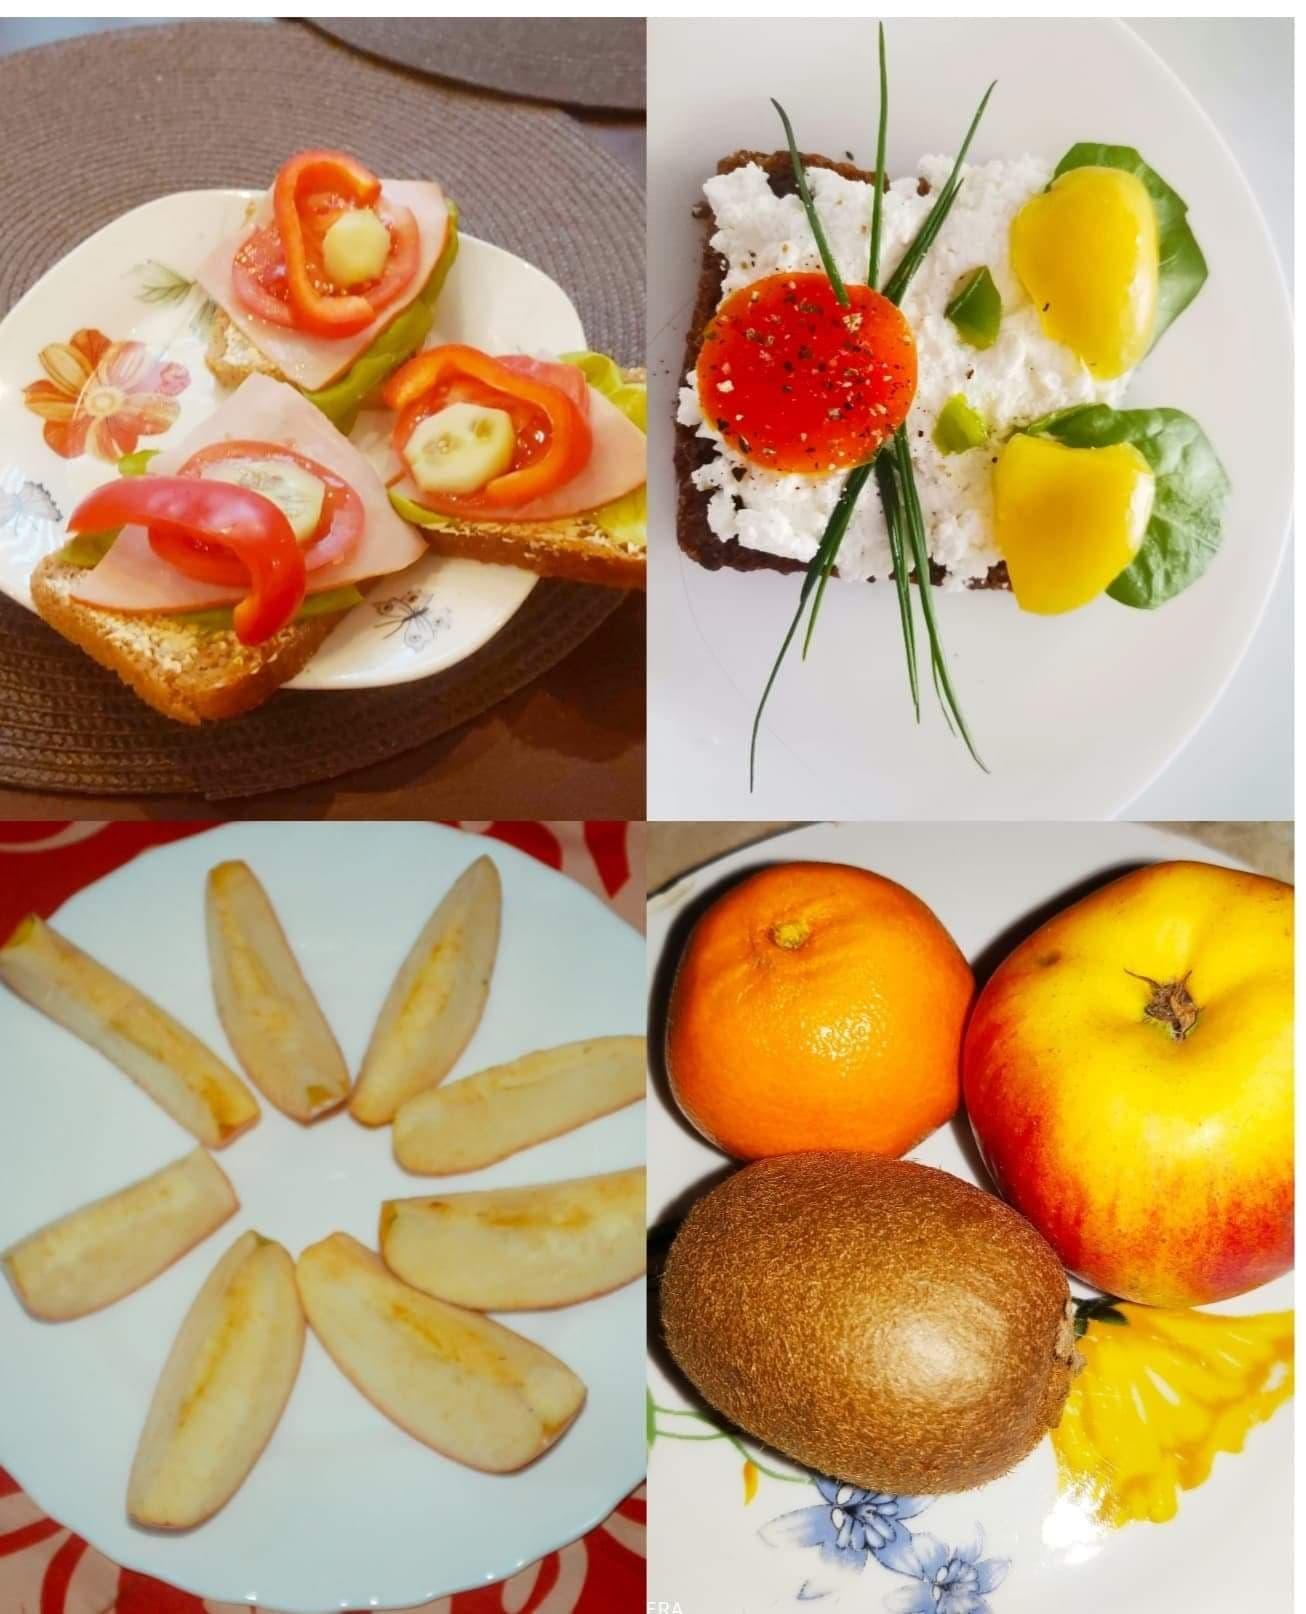 Światowy Dzień Cukrzycy w kl. 1a